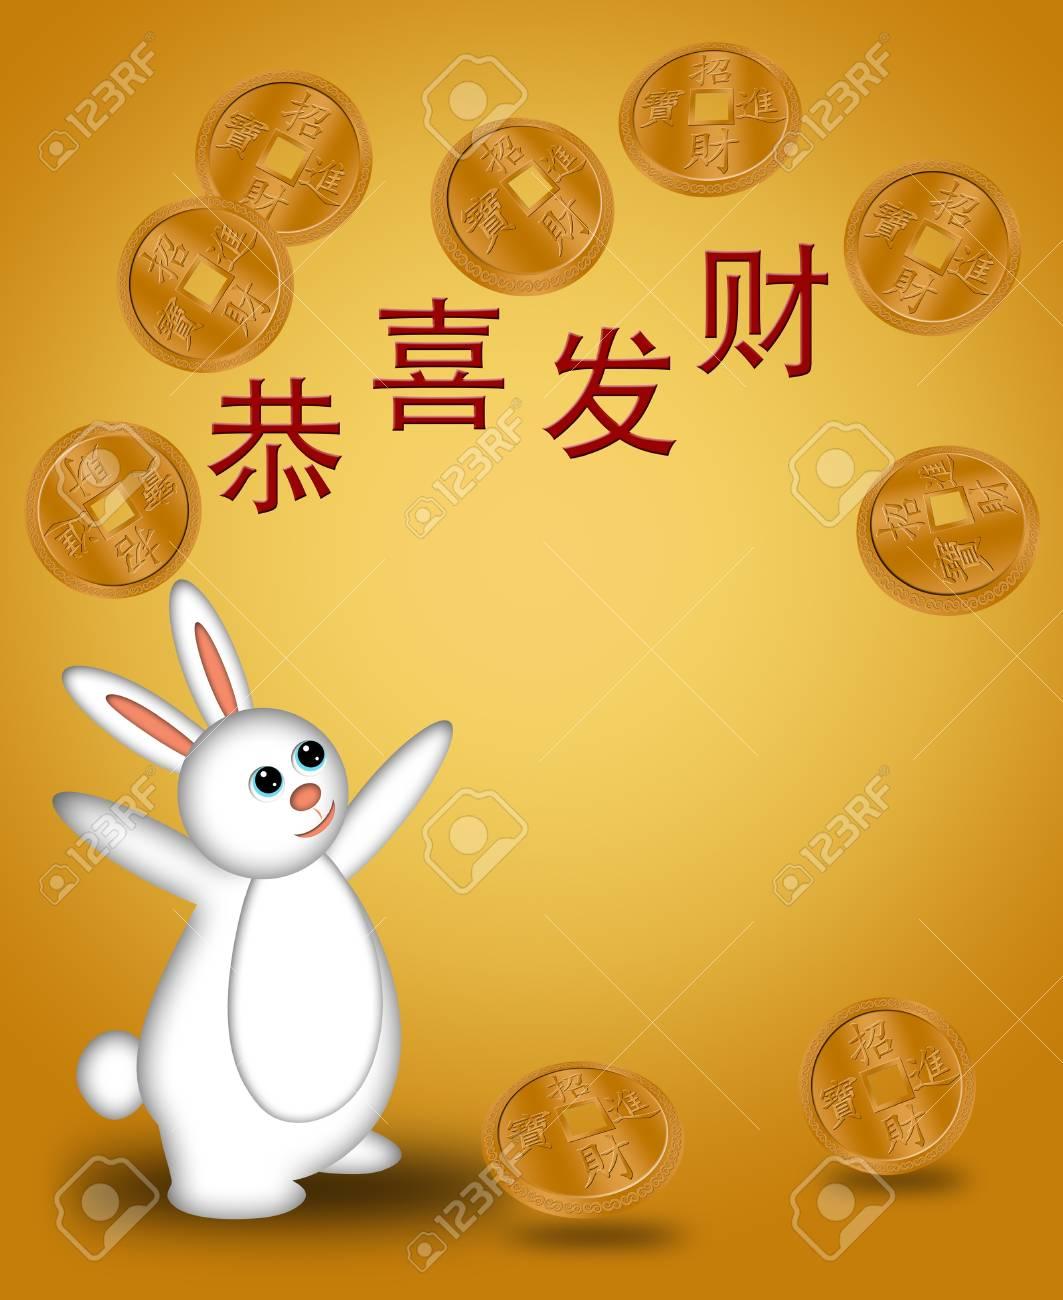 Chinesisches Neujahr 2011 Kaninchen Begrüßen Wohlstand Illustration ...